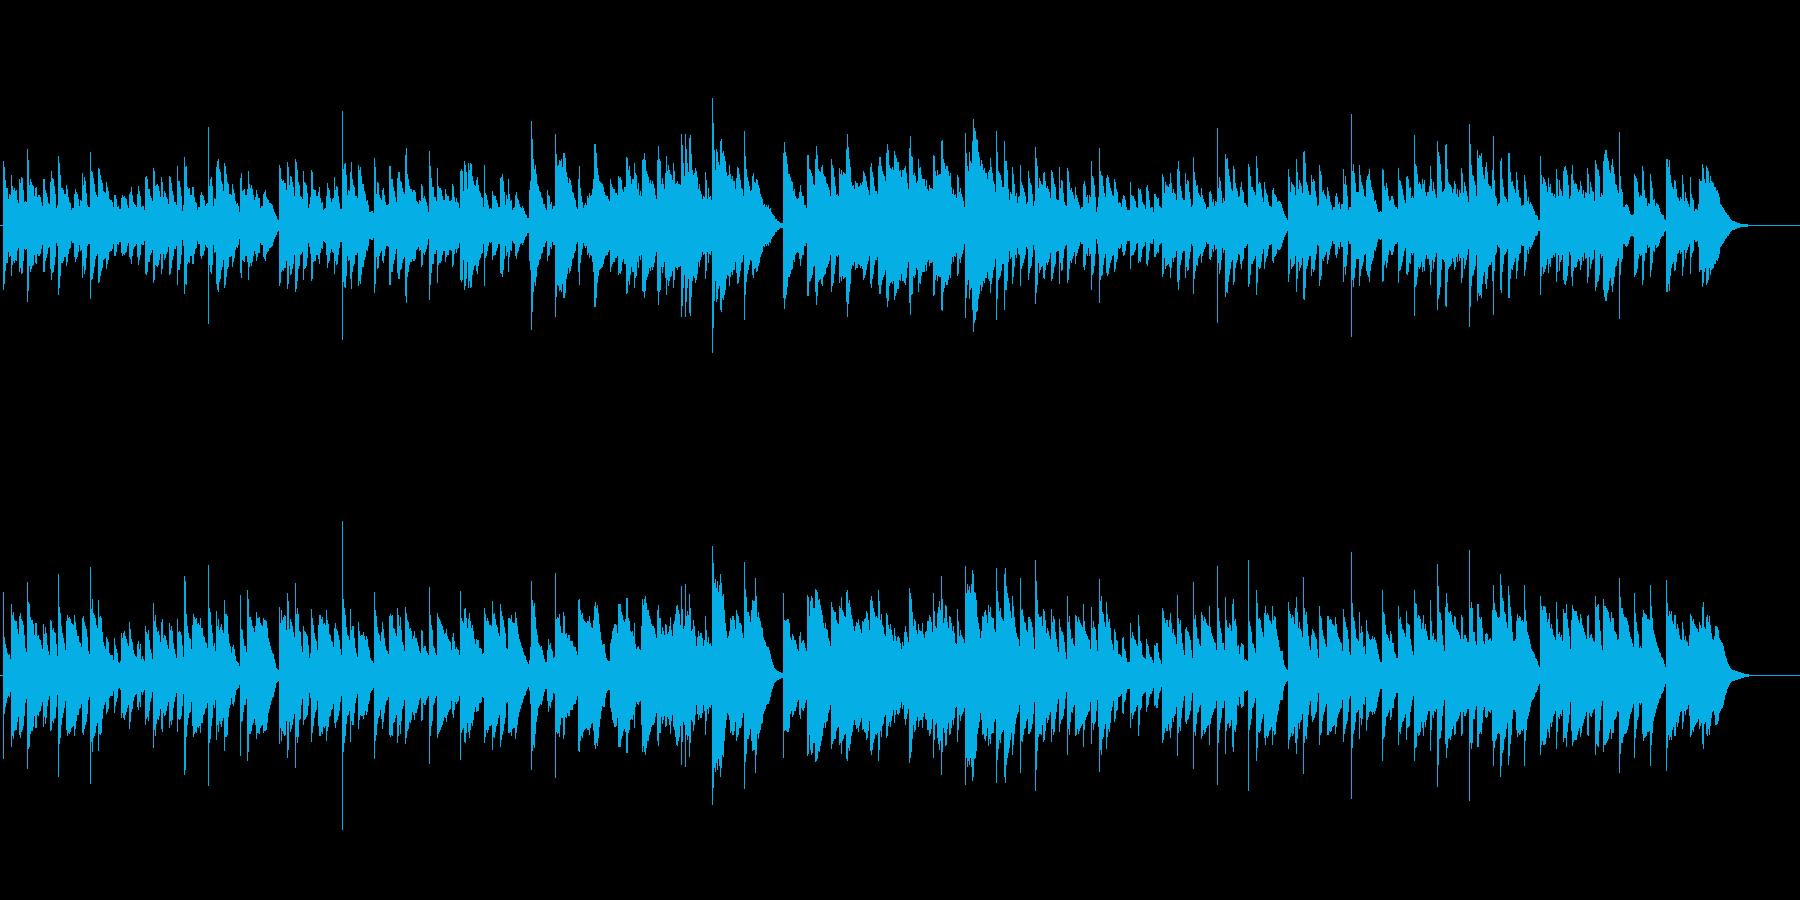 ほんわか優しくホロっと泣けるオルゴール曲の再生済みの波形